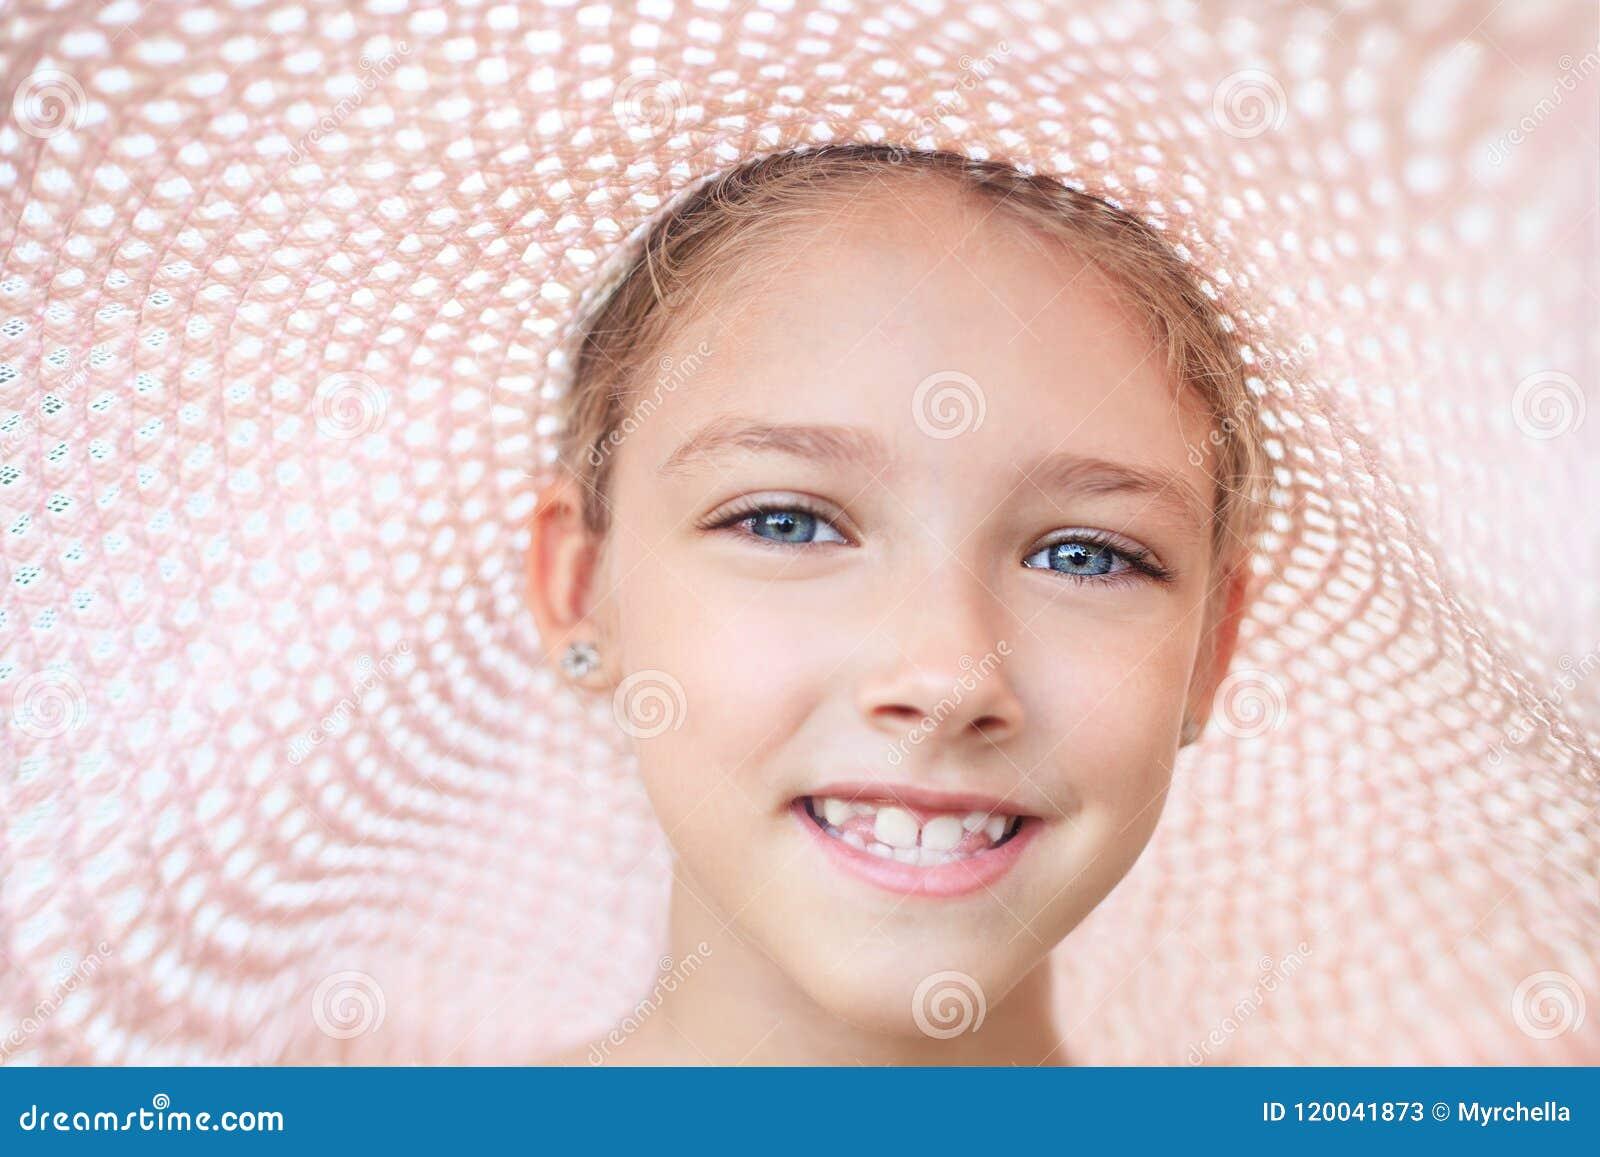 De zomerportret van een mooi meisje in een roze hoed